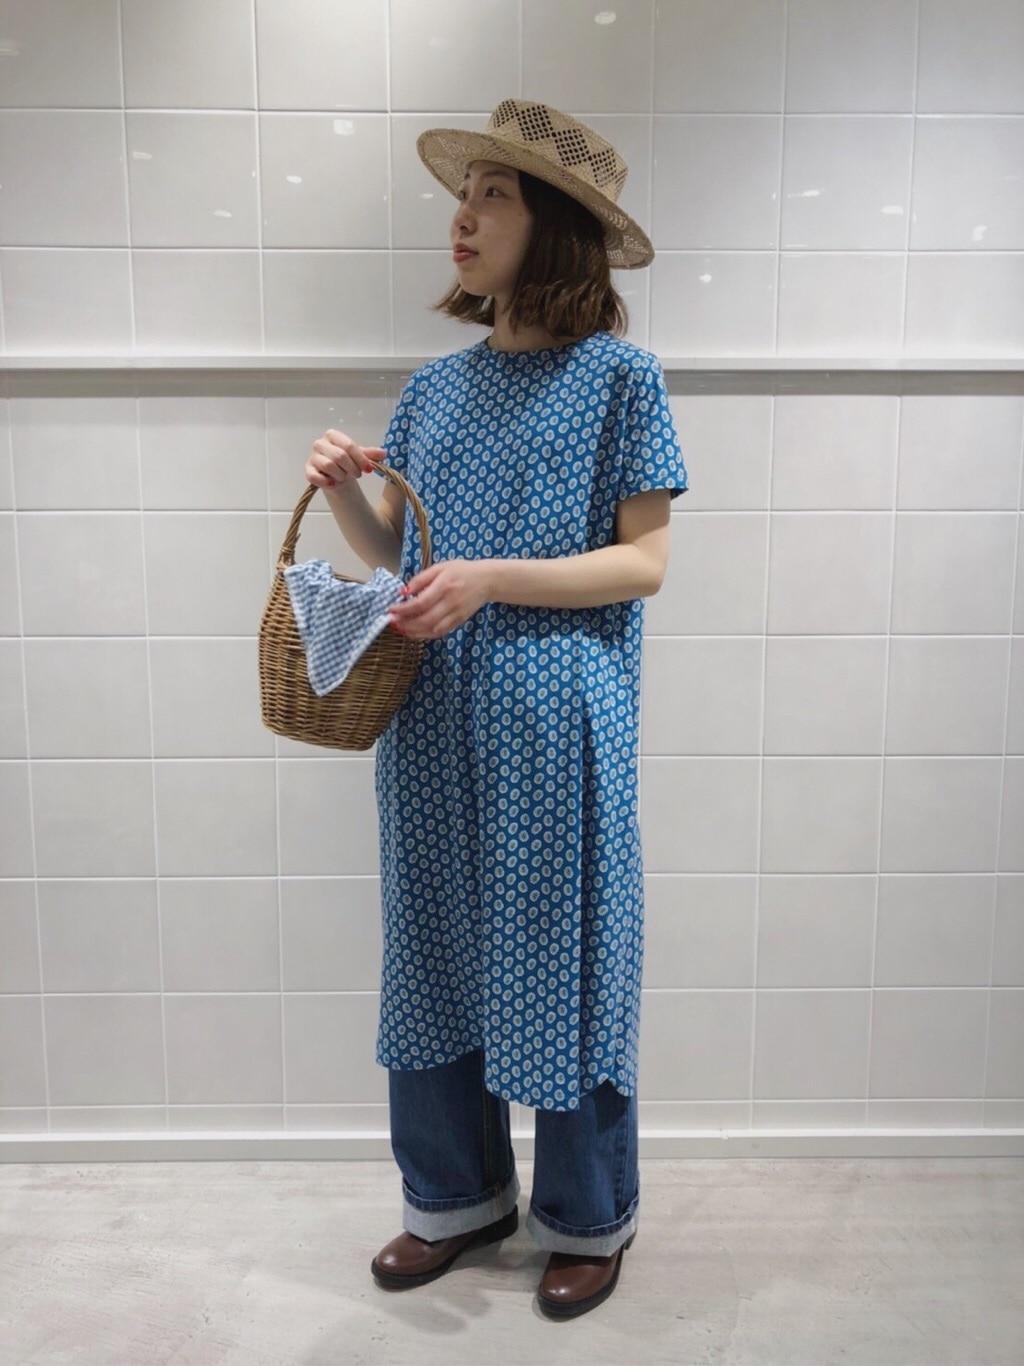 - CHILD WOMAN CHILD WOMAN , PAR ICI 新宿ミロード 身長:159cm 2021.05.24